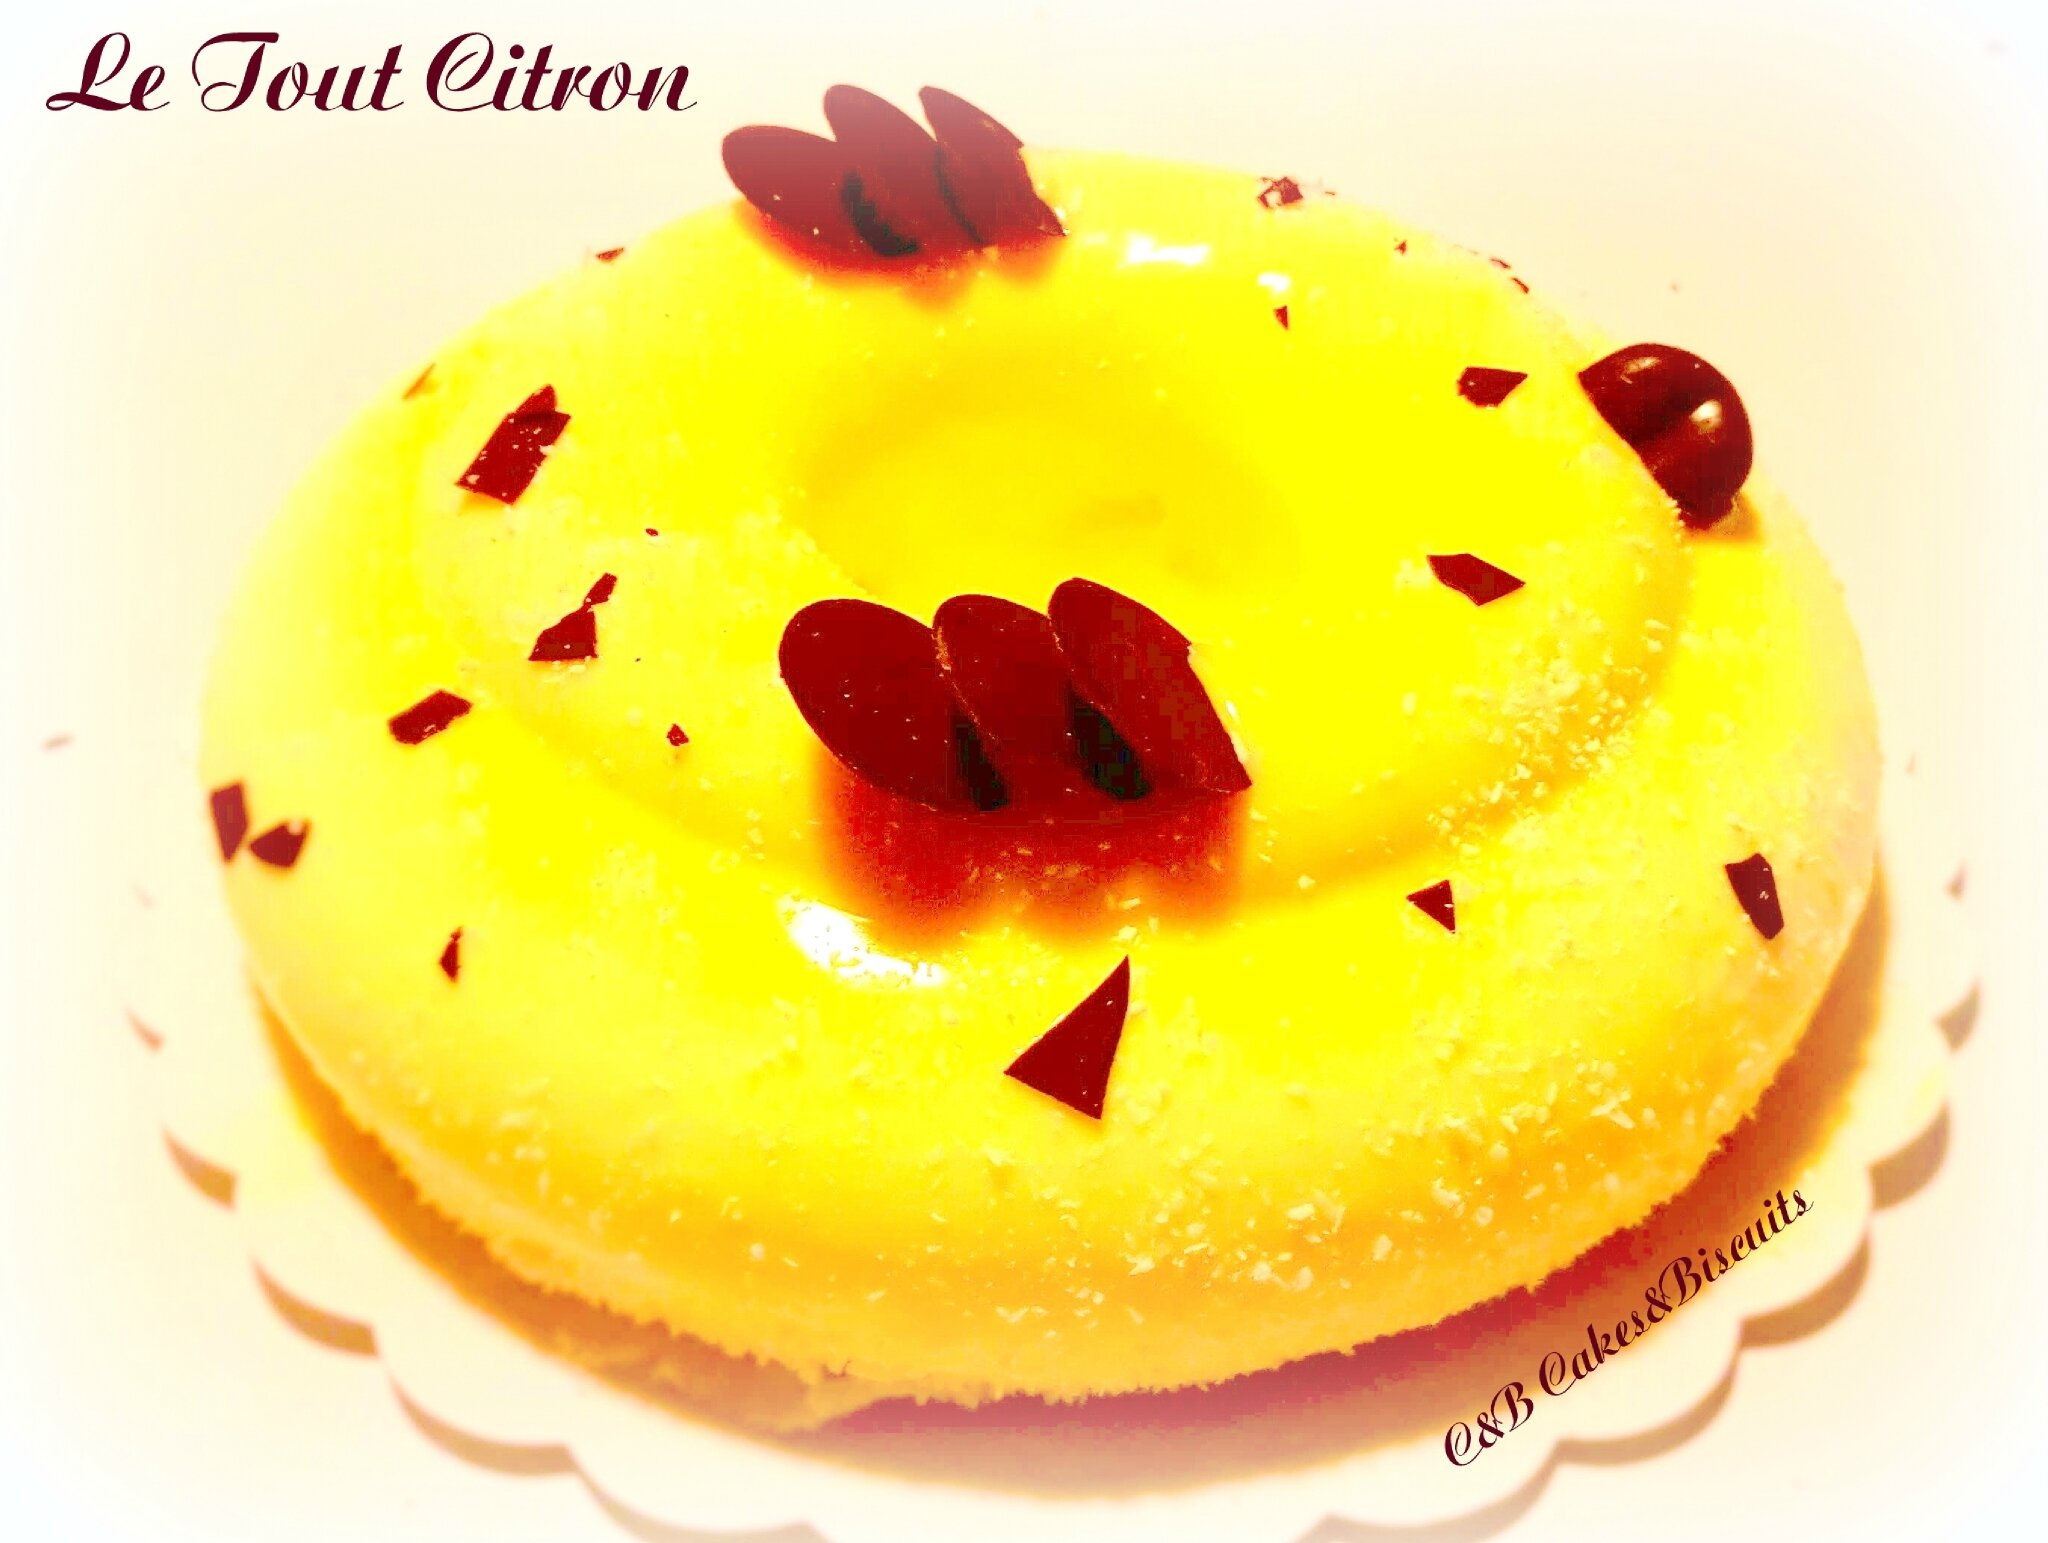 Le Tout Citron